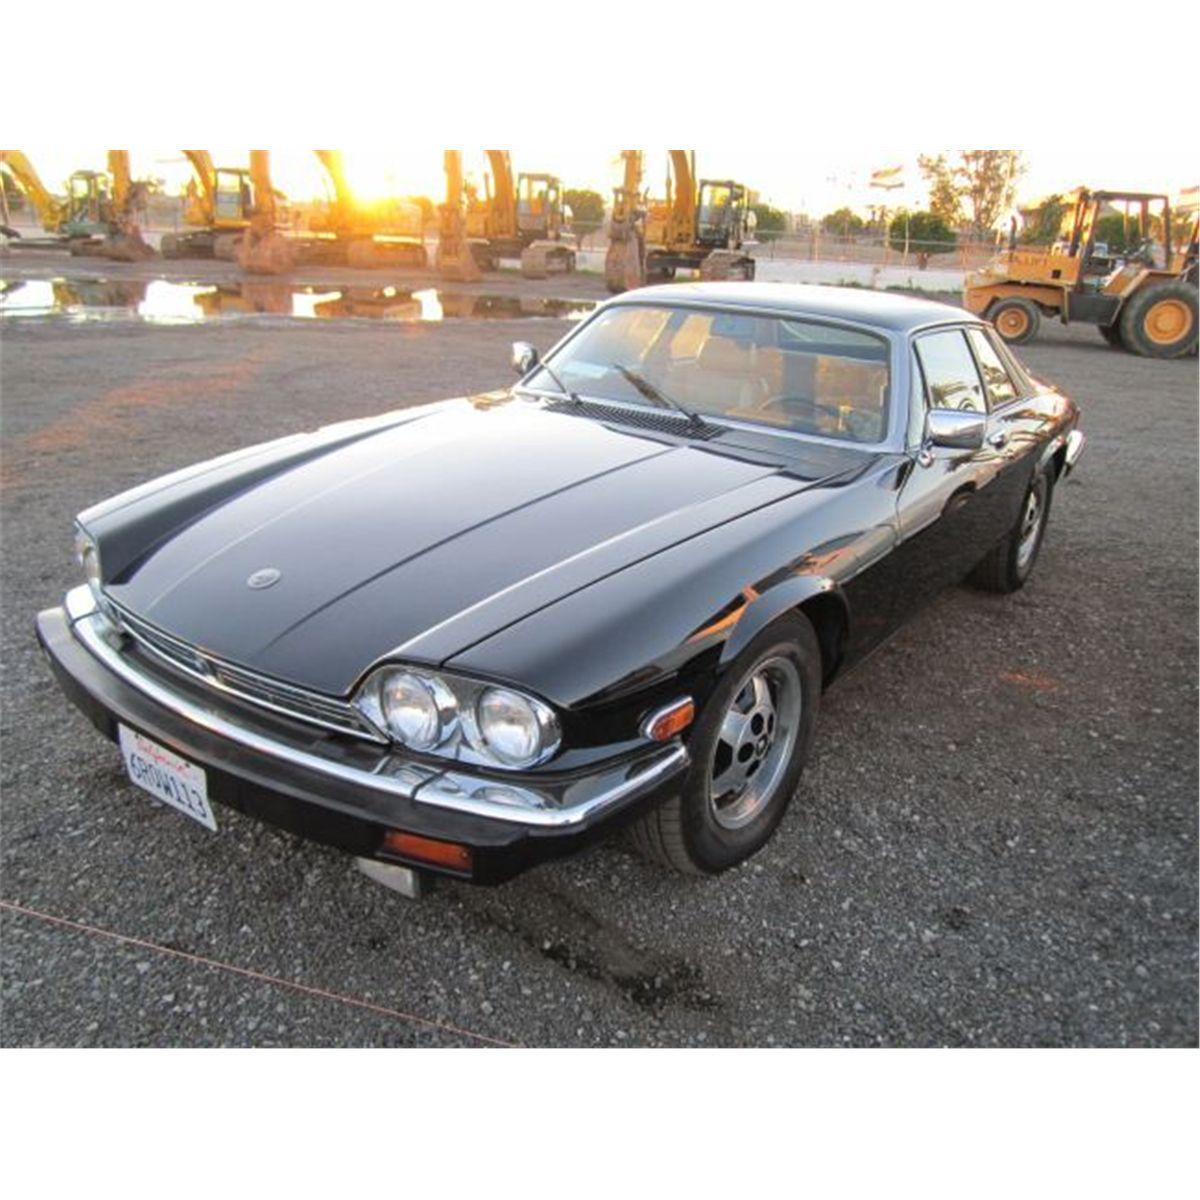 1984 Jaguar XJS 2-Door Coupe